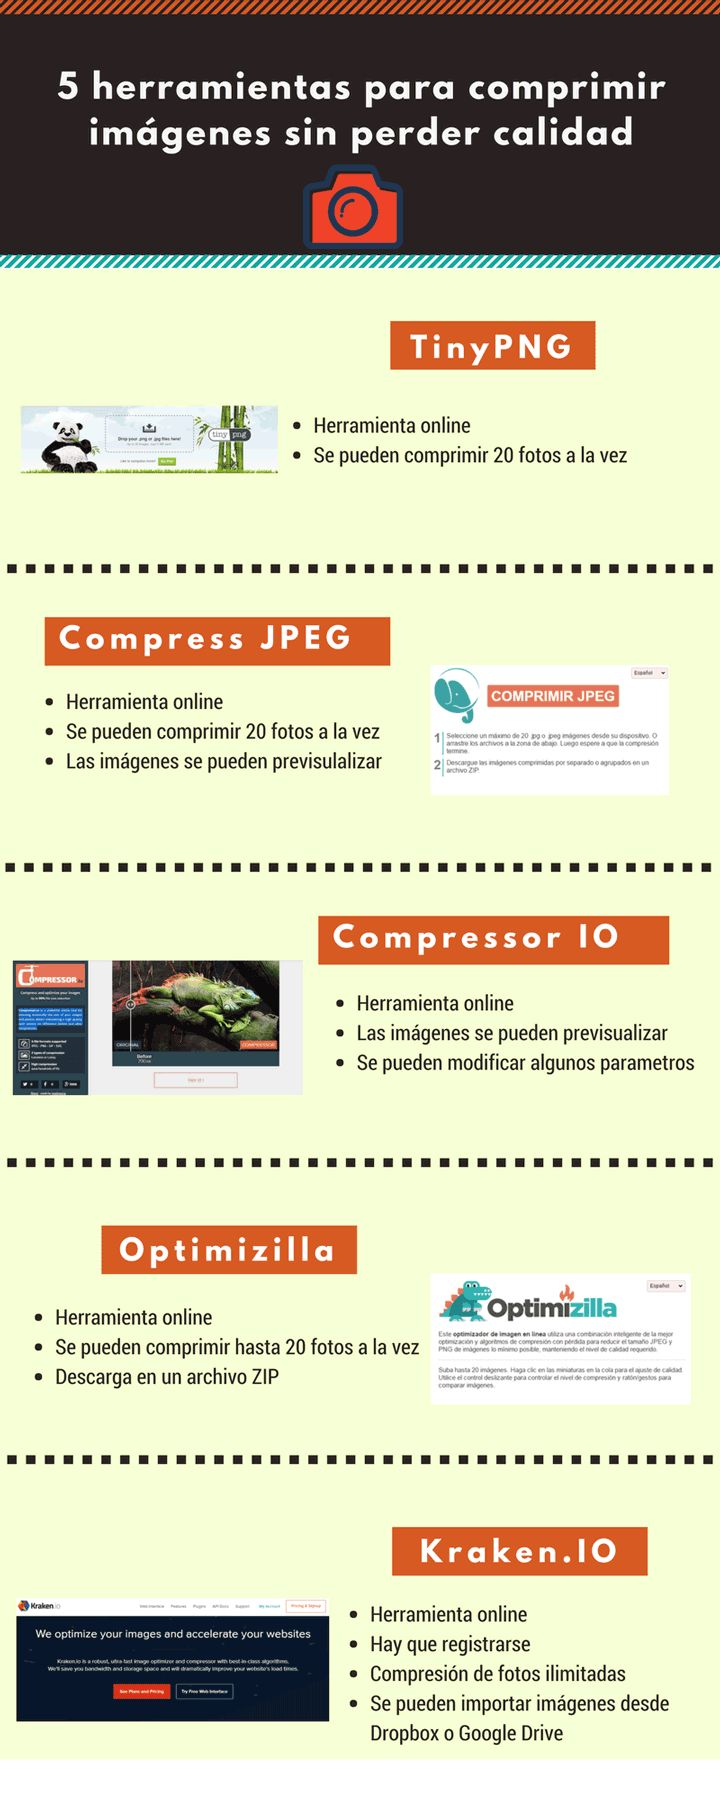 Hola: Una infografía con5 herramientas online para comprimir imágenes sin perder calidad. Vía Un saludo